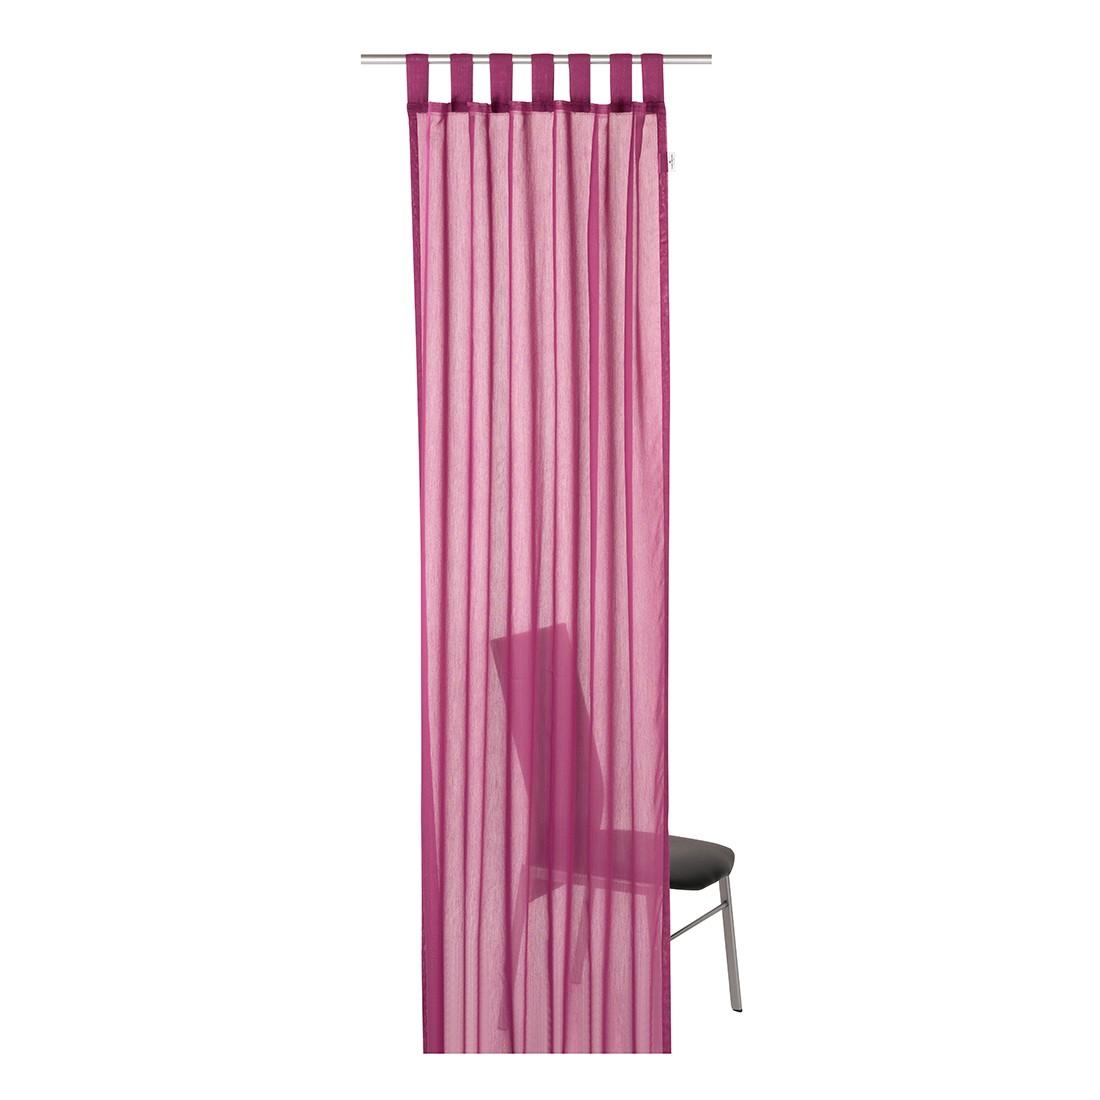 Schlaufenschal T-Plain – Pink – Maße: 140 x 255 cm, Tom Tailor bestellen